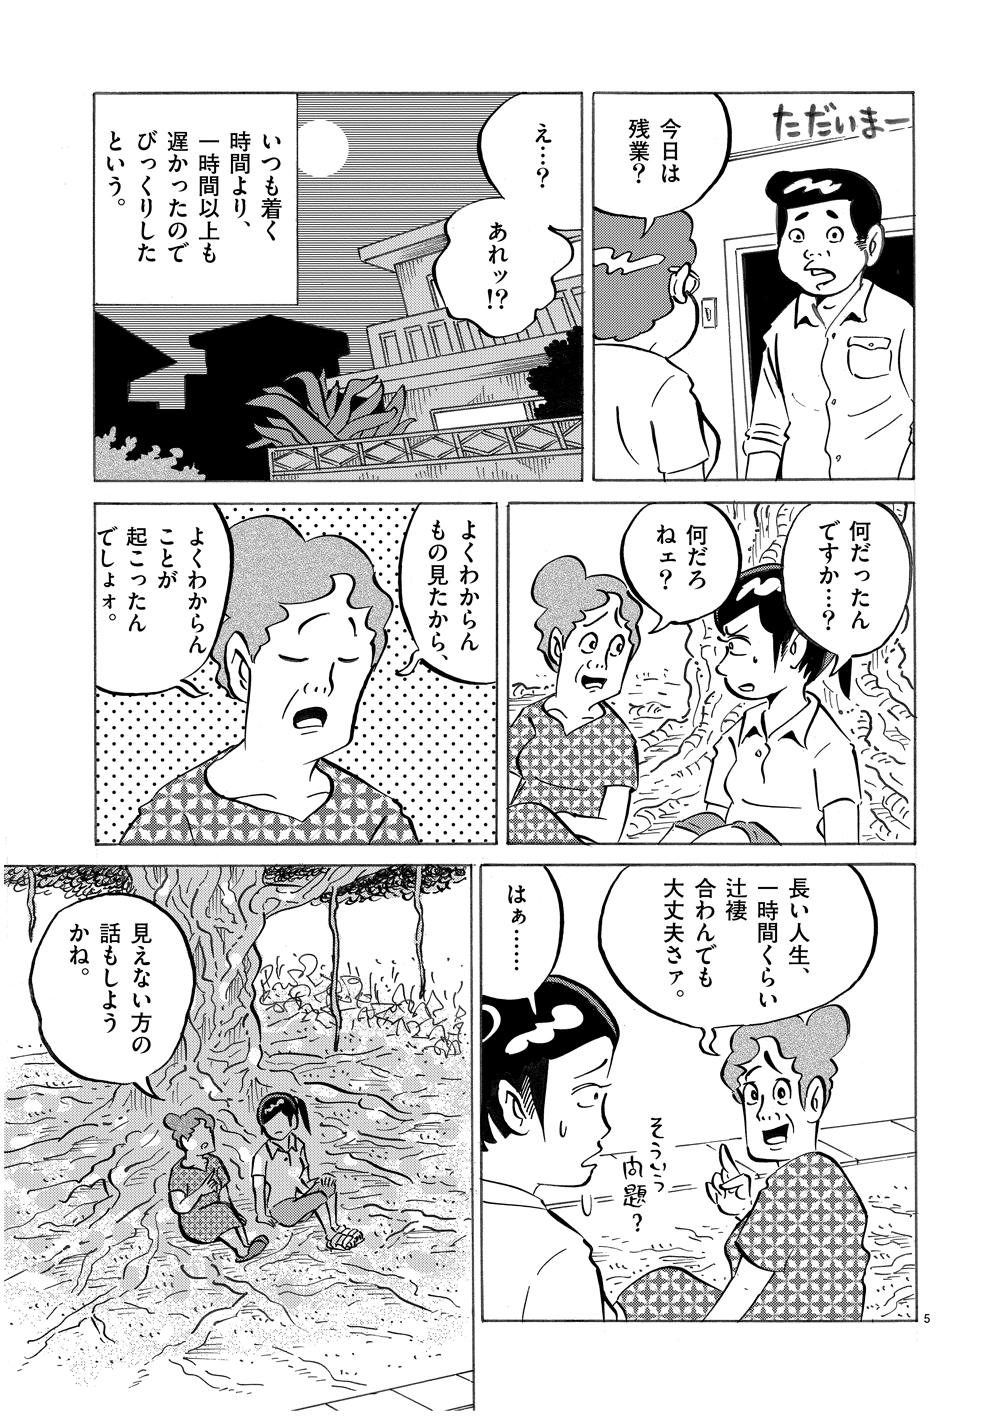 琉球怪談 【第2話】WEB掲載5ページ目画像